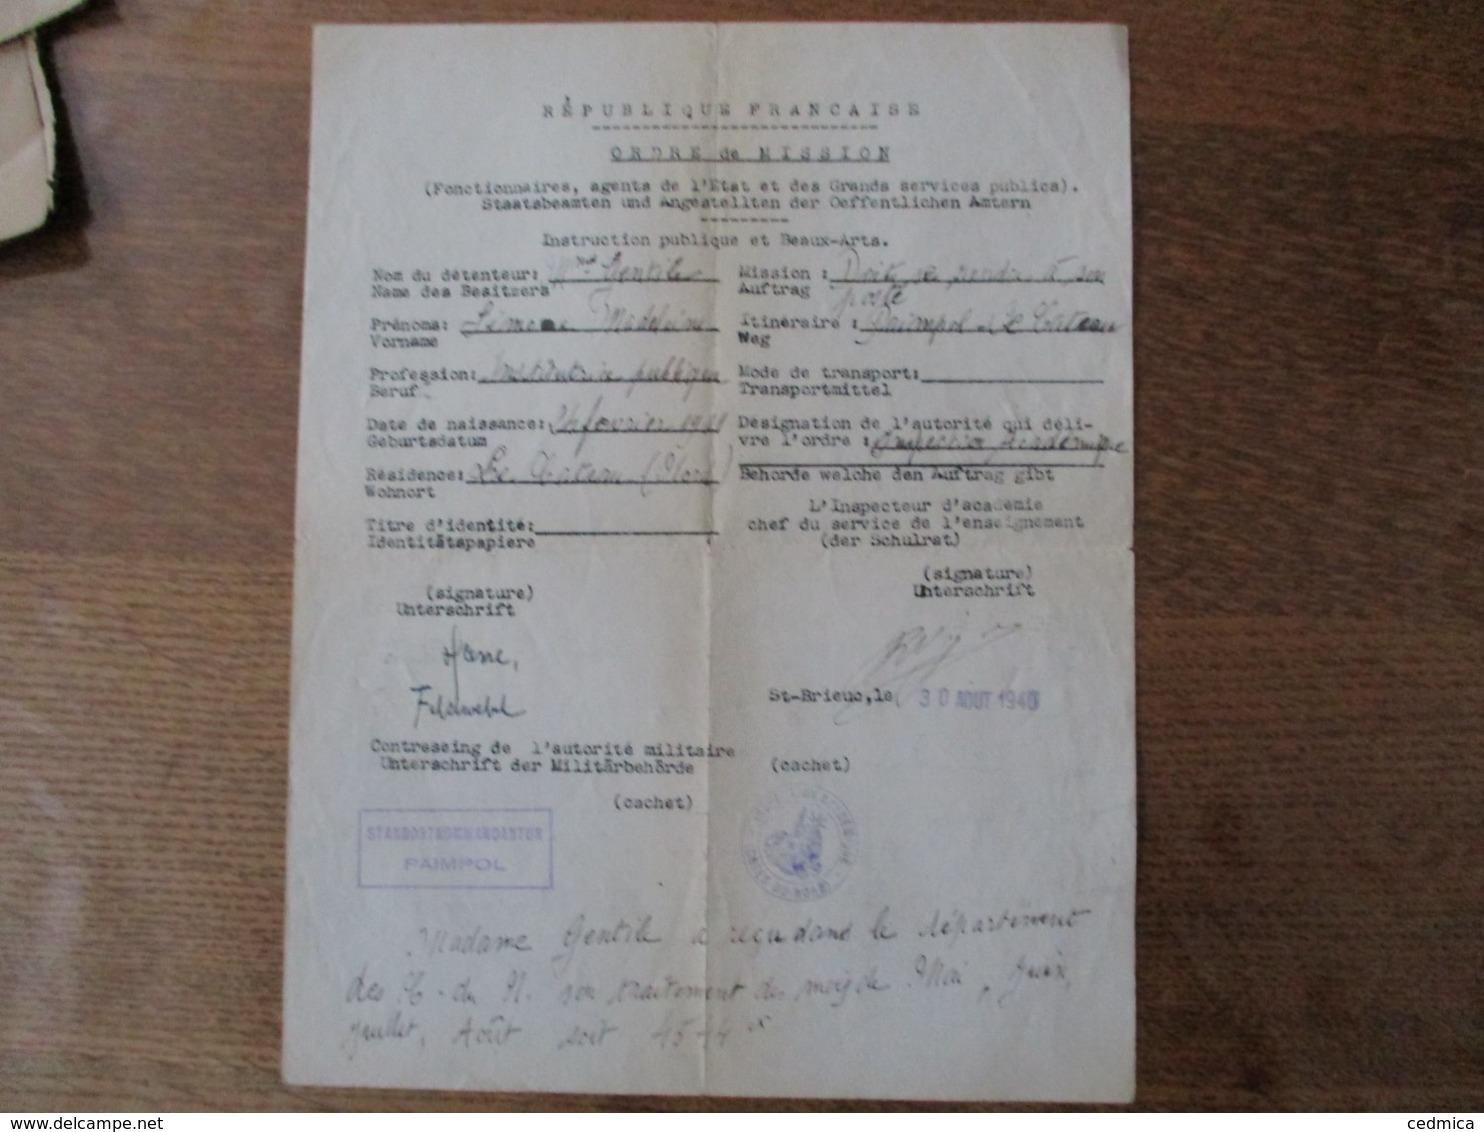 ORDRE DE MISSION 30 AOUT 1940 Mme GENTILE INSTITUTRICE PUBLIQUE PAIMPOL-LE CATEAU STANDORTKOMMANDANTUR PAIMPOL UNTERSCHR - Documents